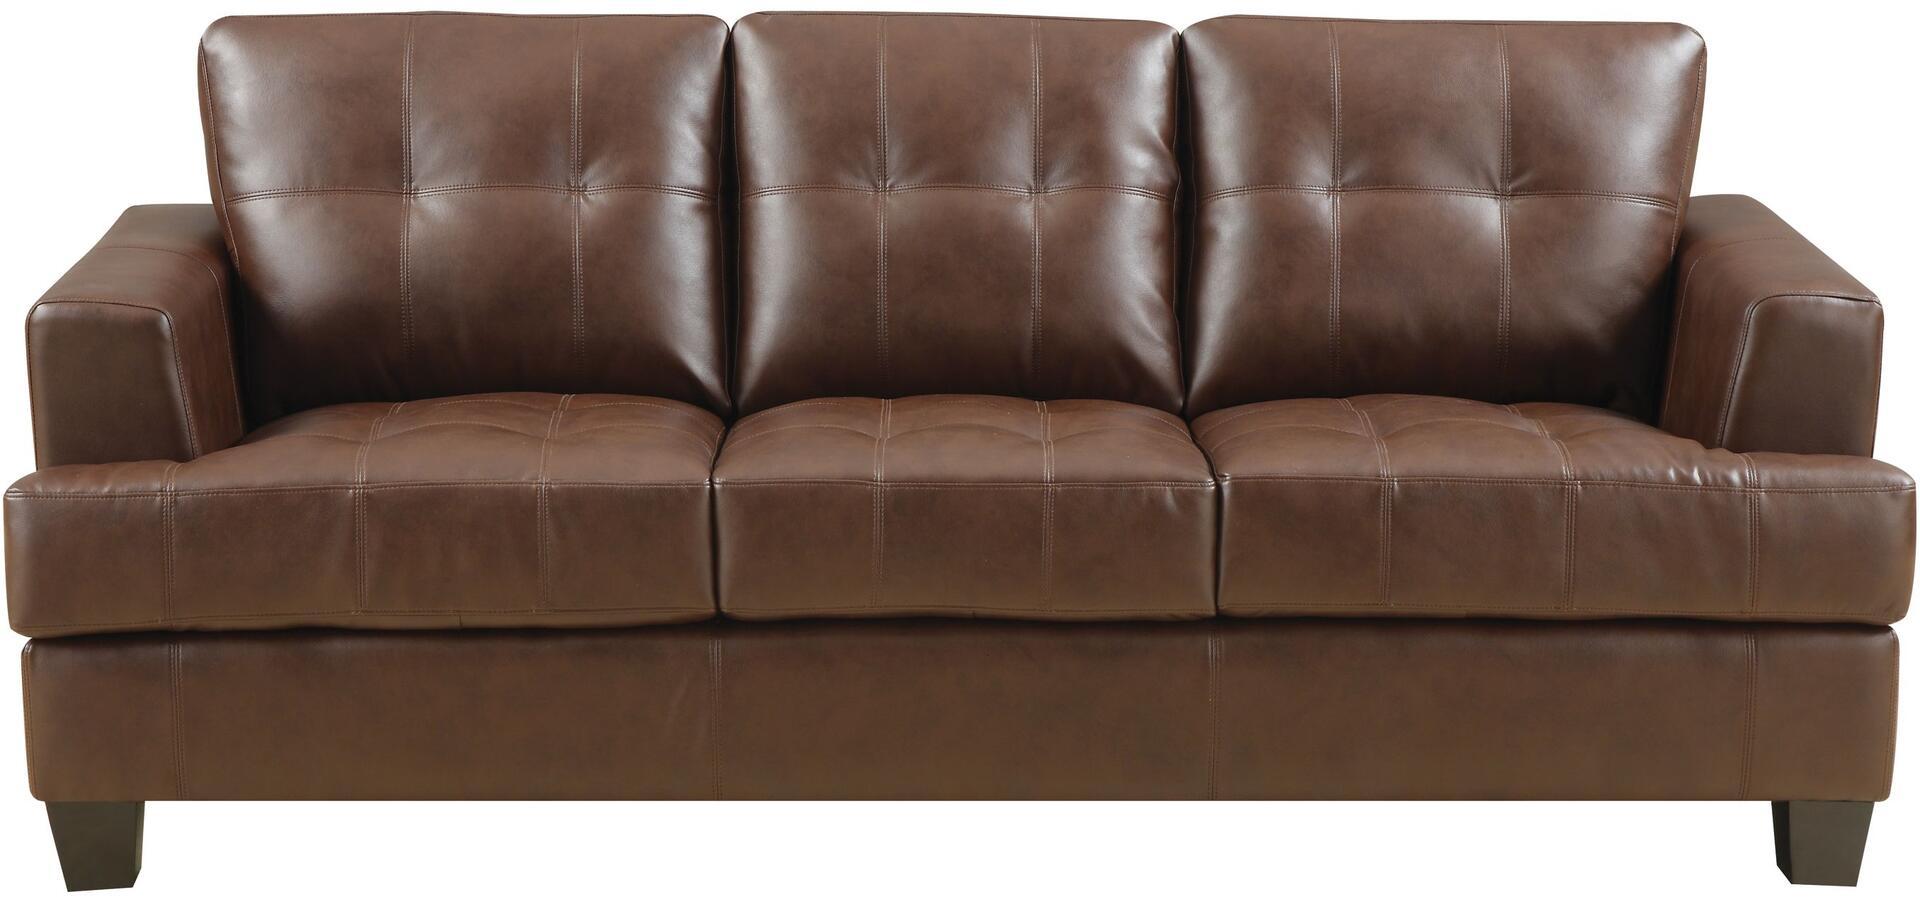 Tremendous Coaster 504071 Pabps2019 Chair Design Images Pabps2019Com